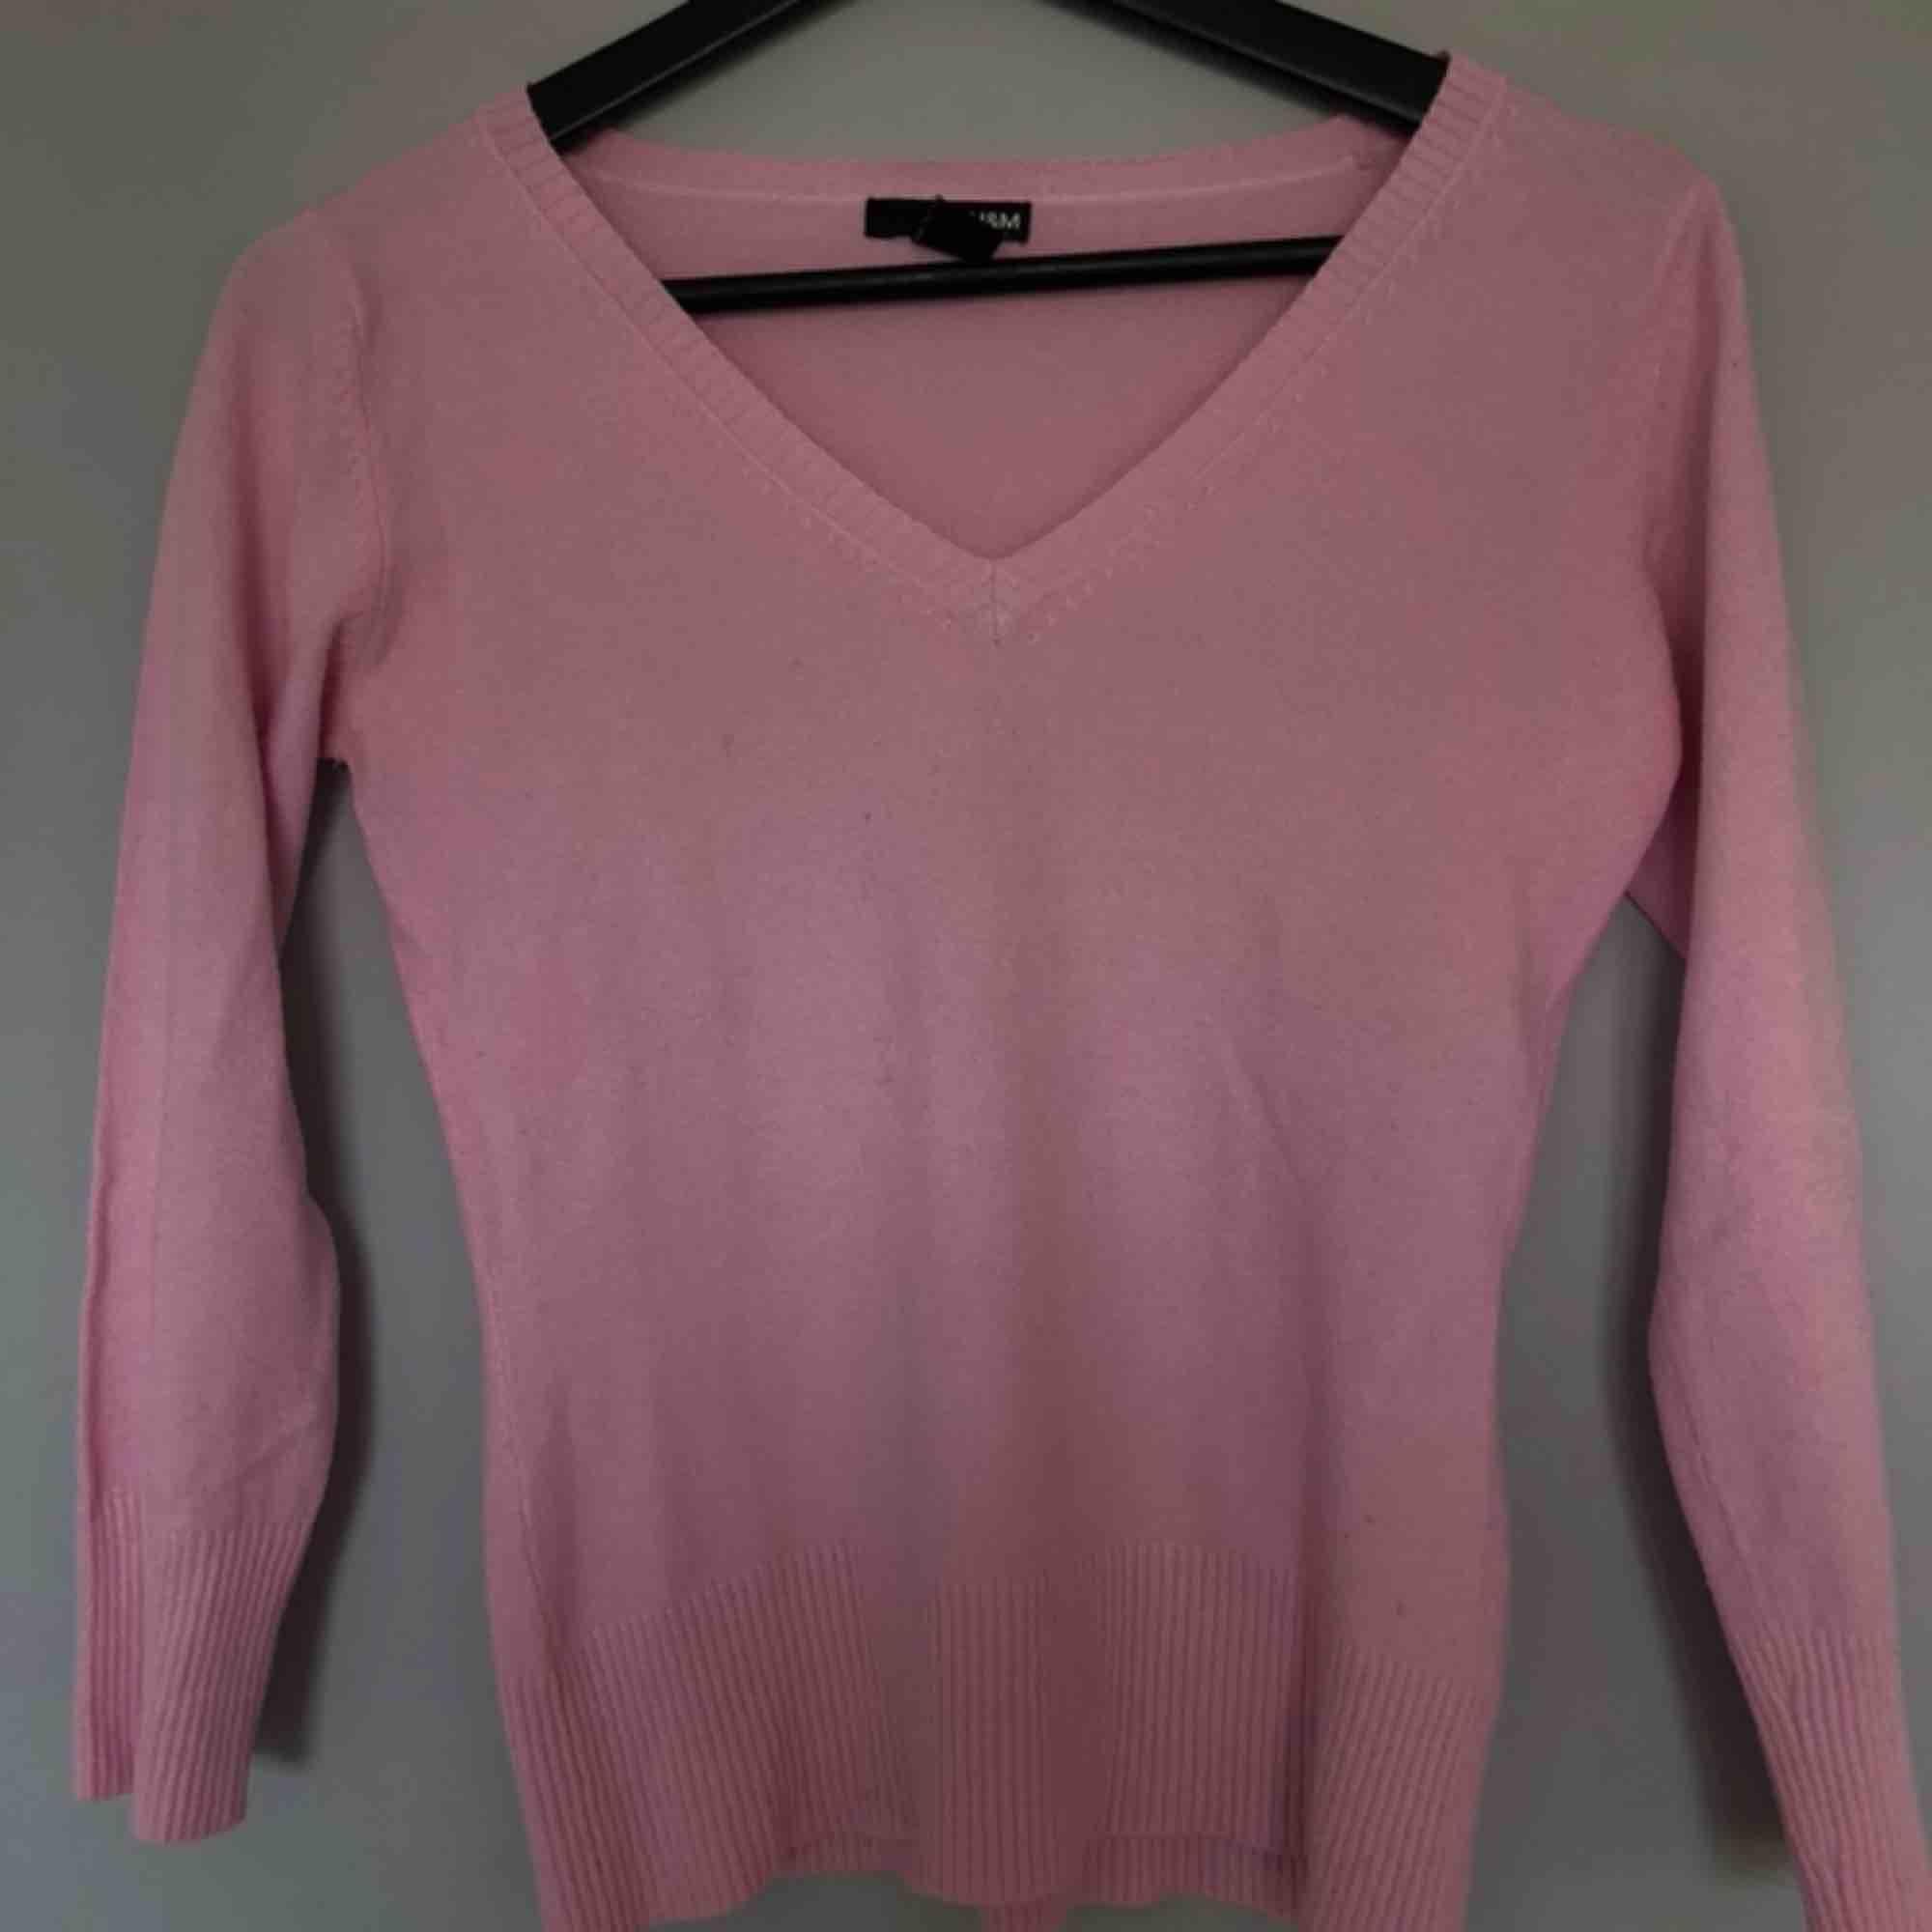 Rosa v-ringad tröja från H&M😇💖 lite kortare ärmar och jättesjuka material😍 Står att det är M, men jag har normalt xs/S och passar mig bra🥰 köparen står för frakten. Tröjor & Koftor.